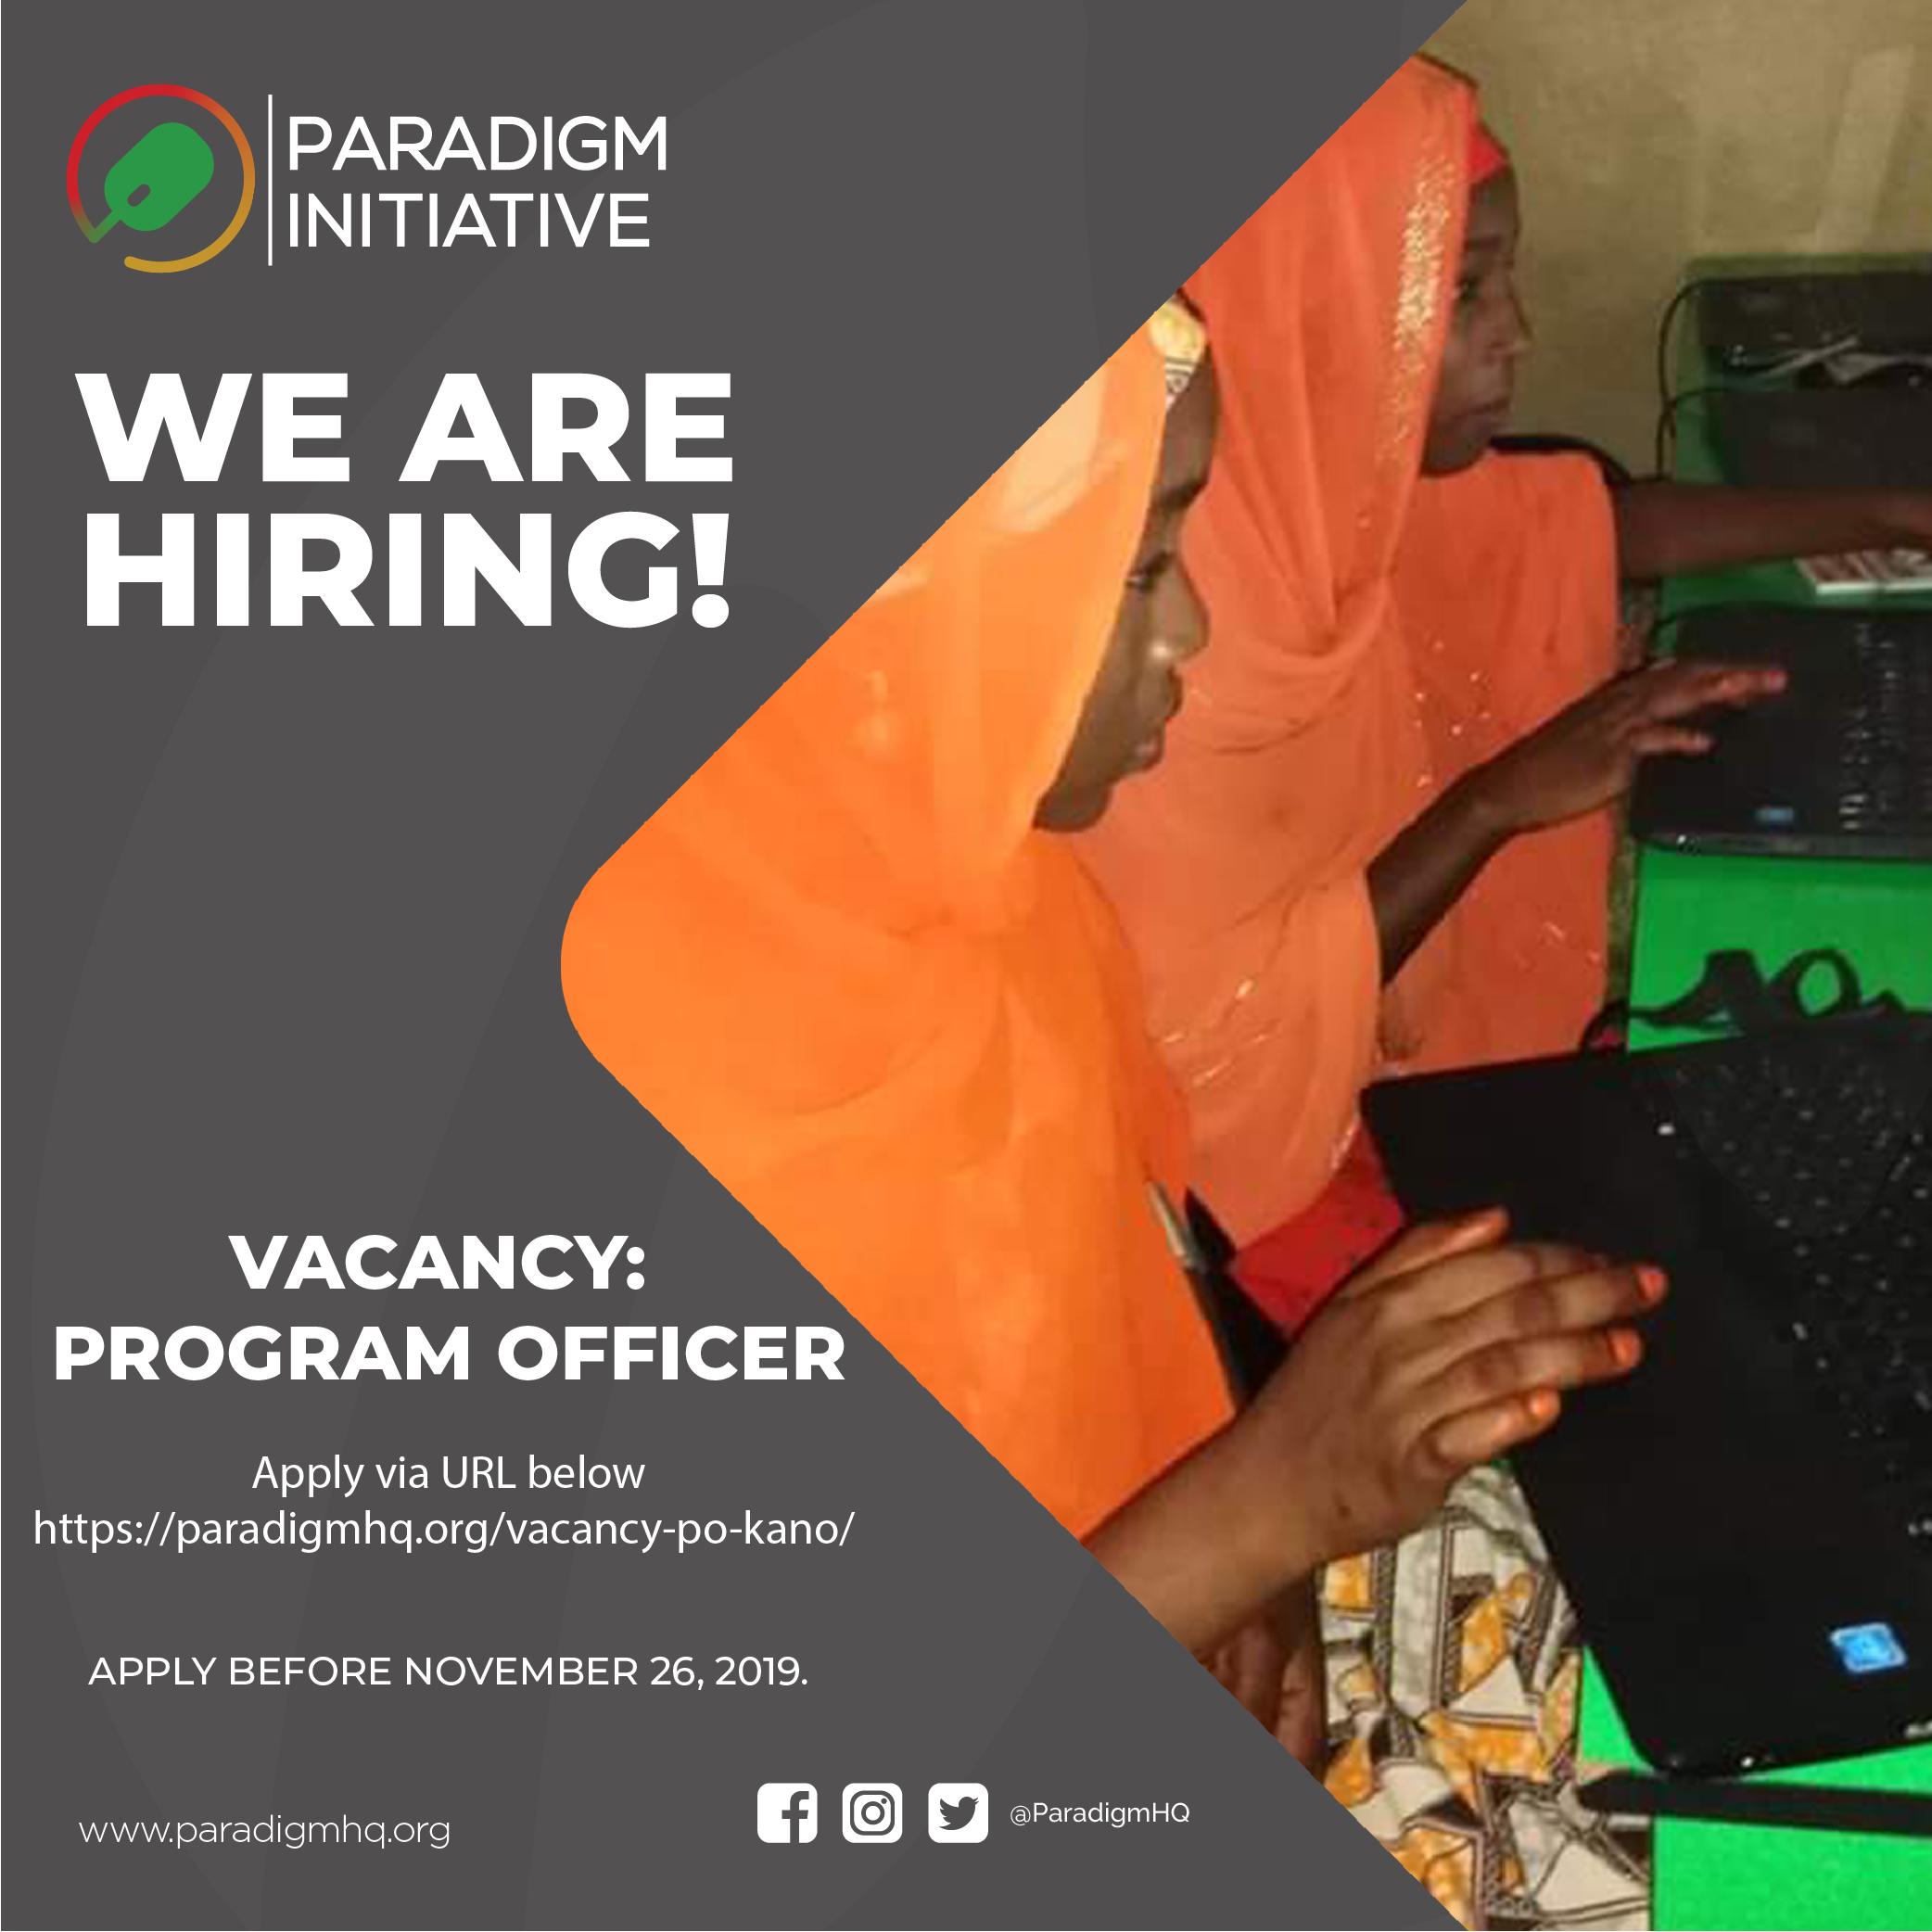 Vacancy: Program Officer (Kano, Nigeria)